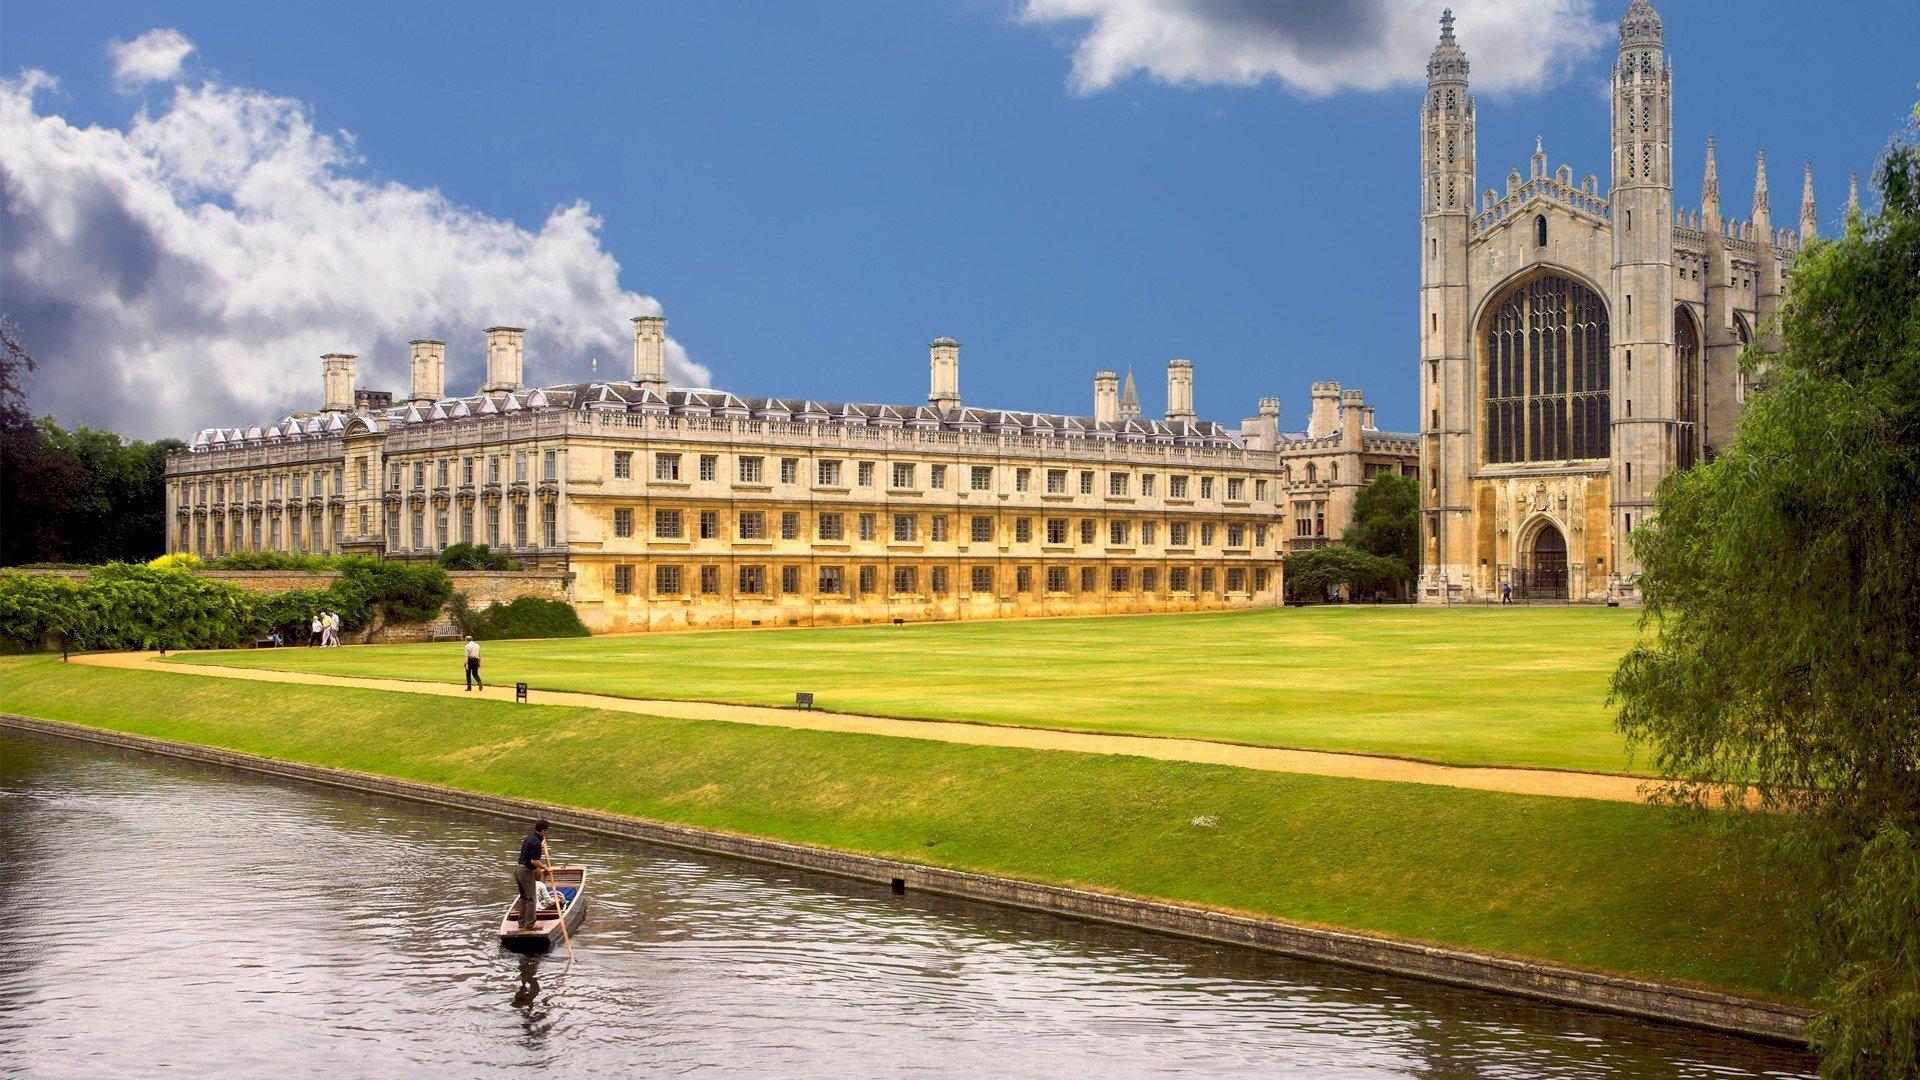 Cambridge Pictures